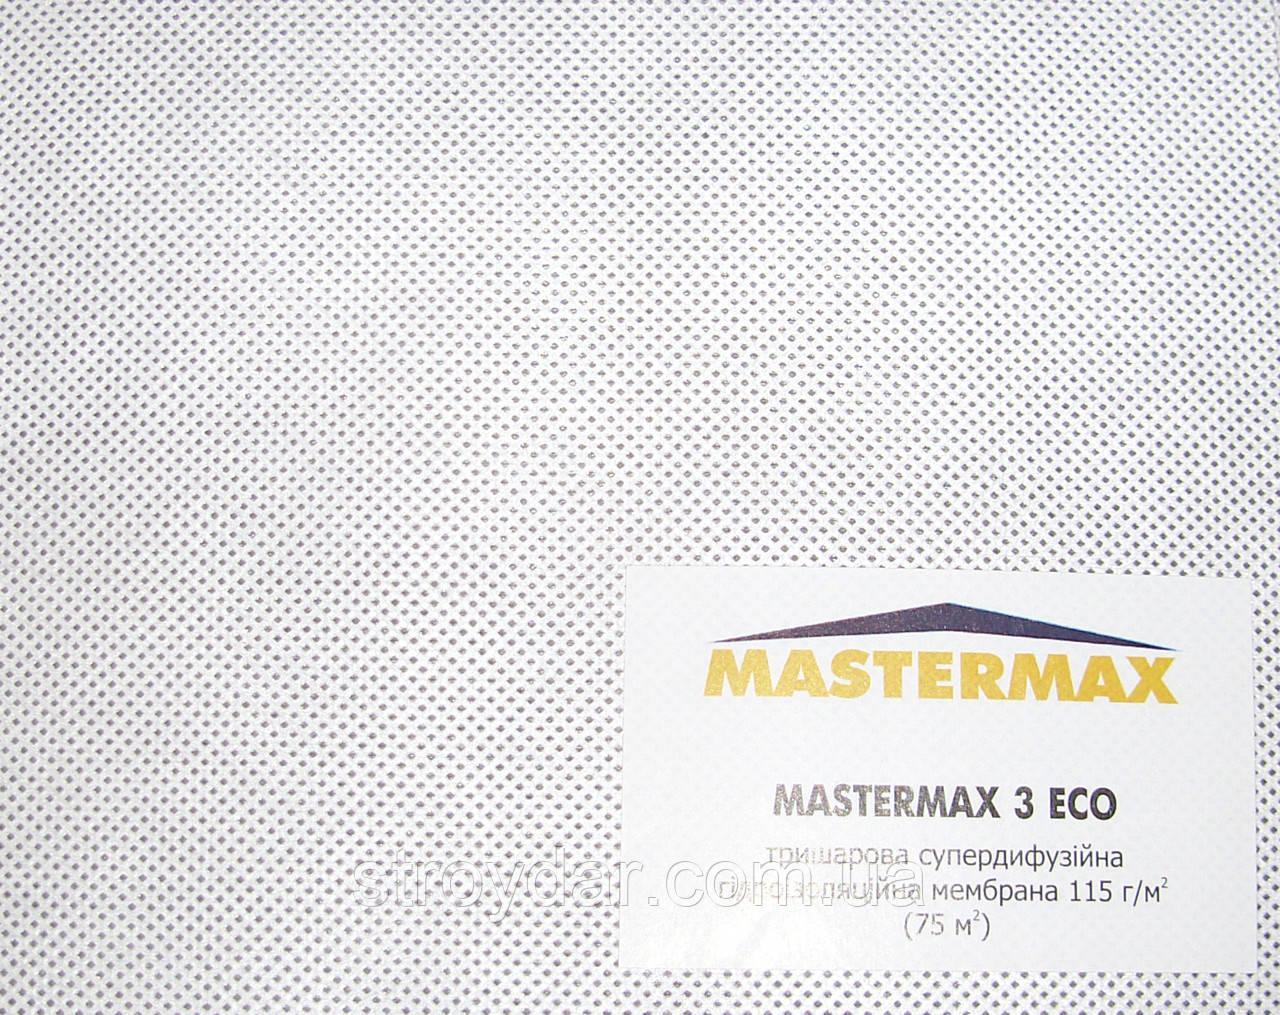 MASTERMAX 3 ECO супердиффузионная мембрана